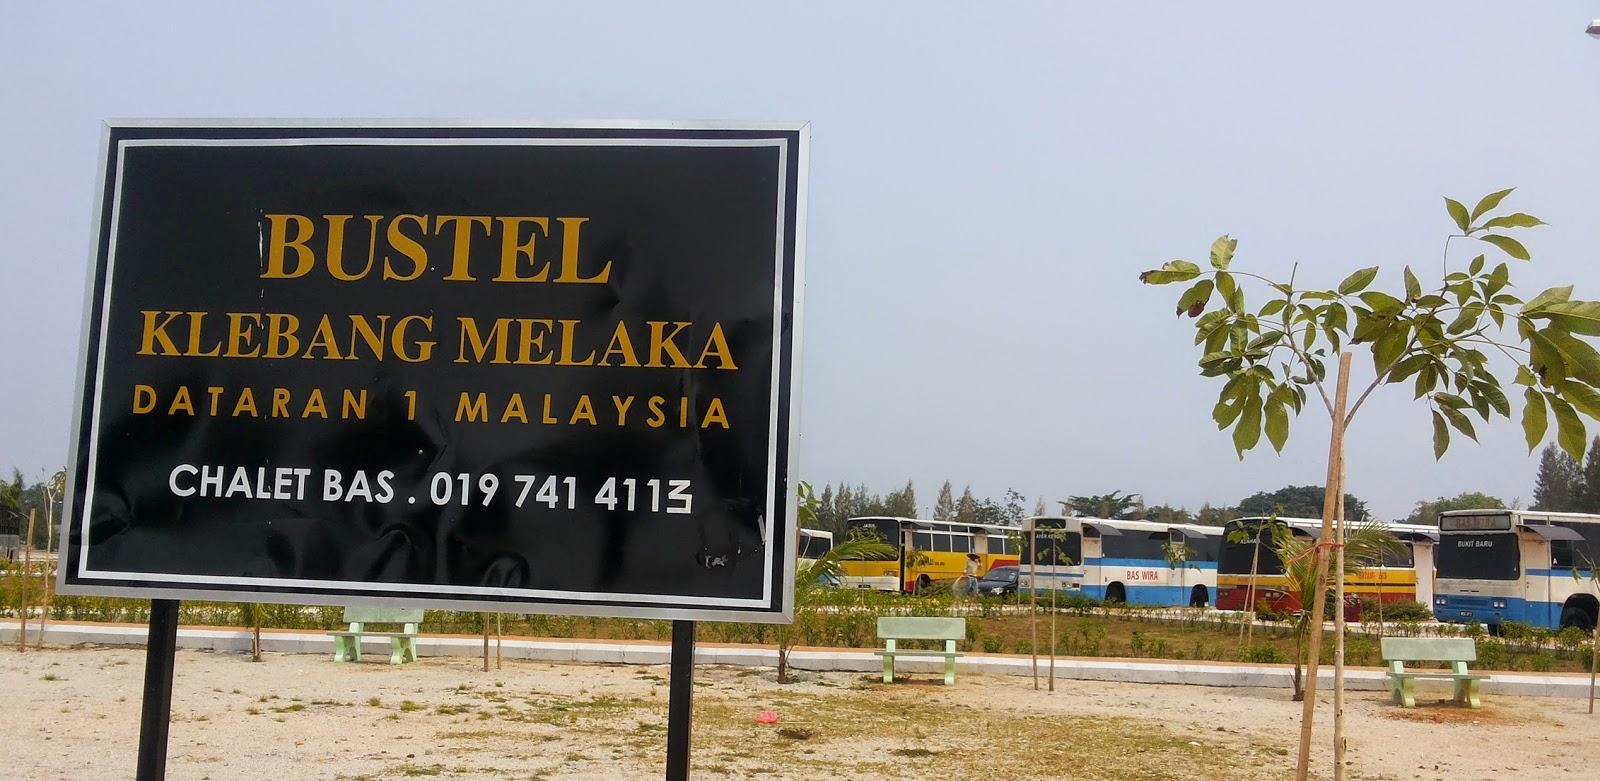 Menarik Untuk Bawa Anak Bercuti Di Hujung Tahun Ini Apa Kata Ke Melaka Bandaraya Bersejarah Cuba Try Test BUSTEL Dataran 1 Malaysia Klebang